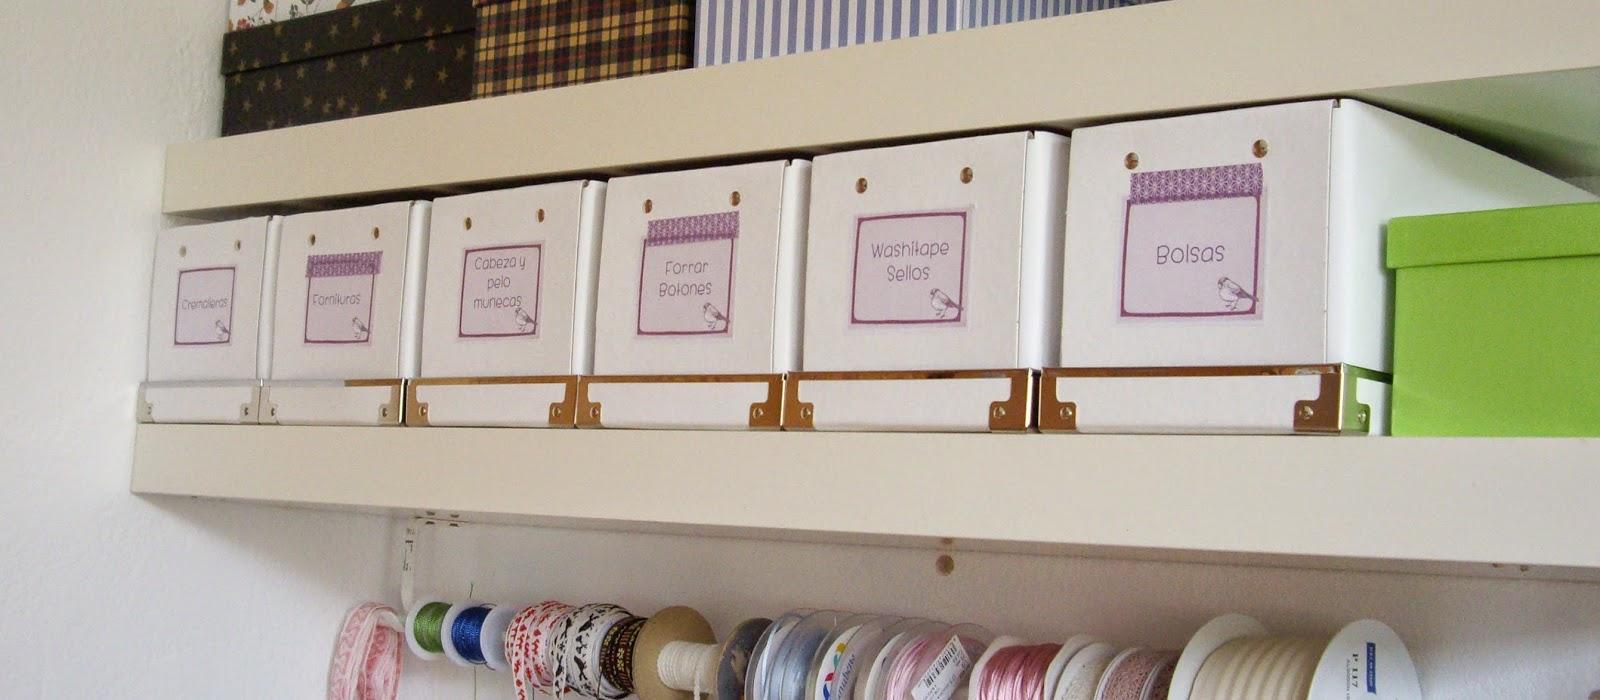 cajas ordenadas con etiquetas